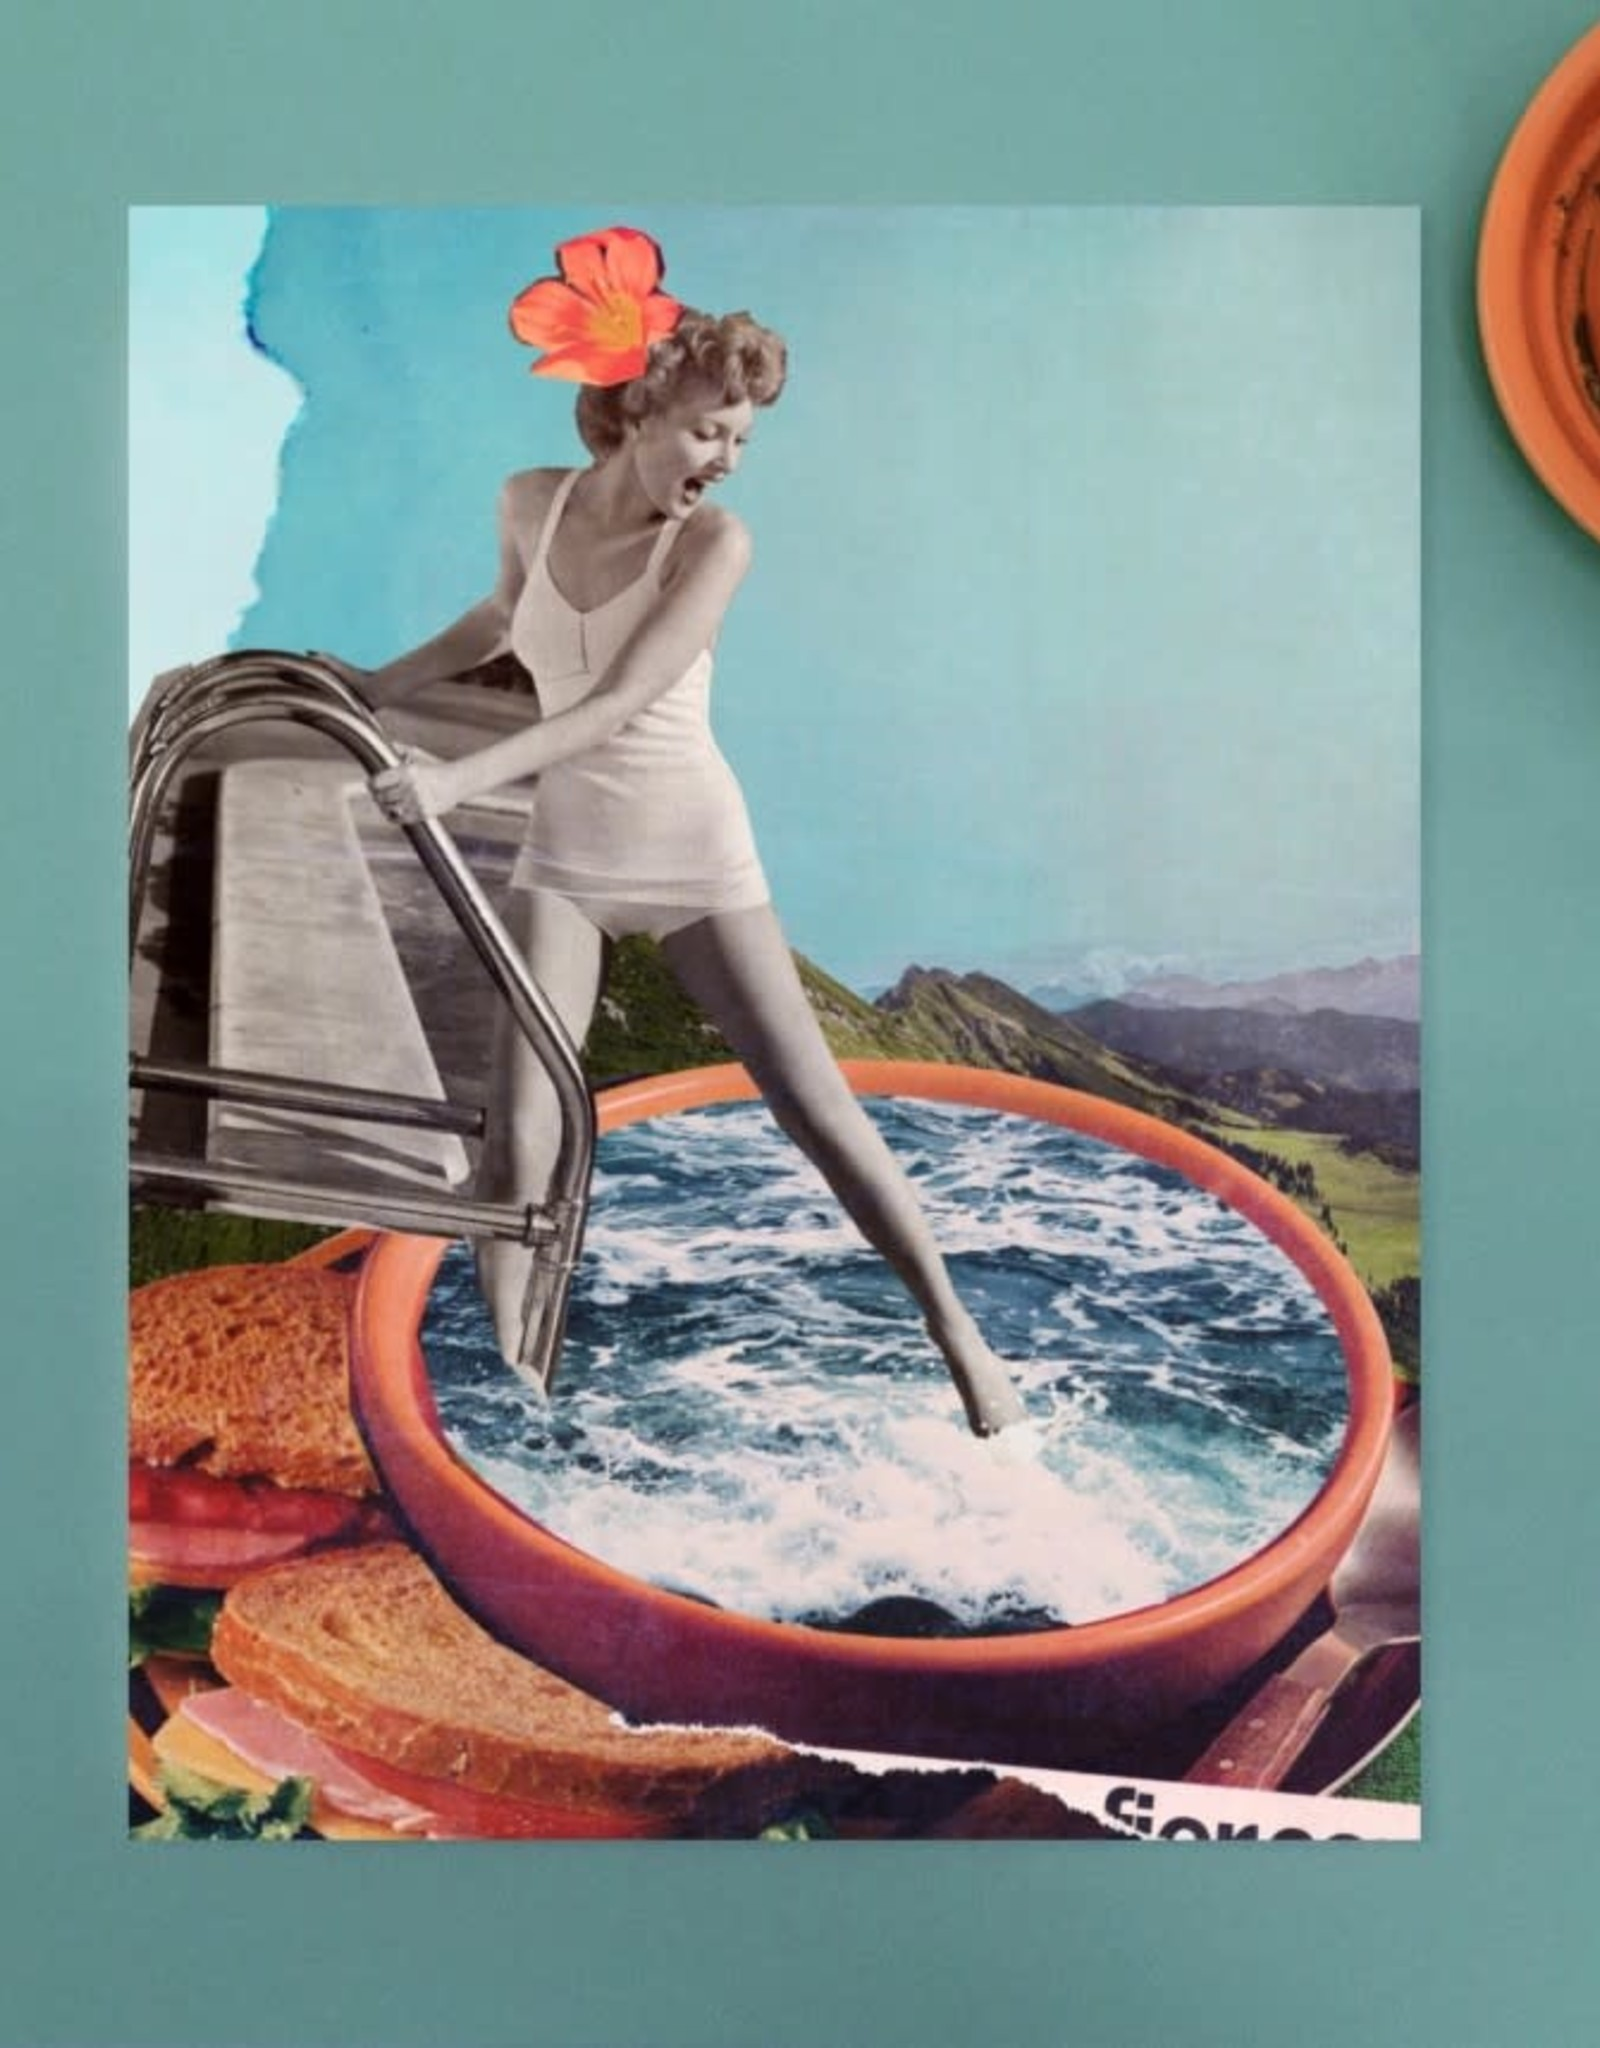 DRÉA Collage Affiche 8.5X11 Soup Dréa Collage